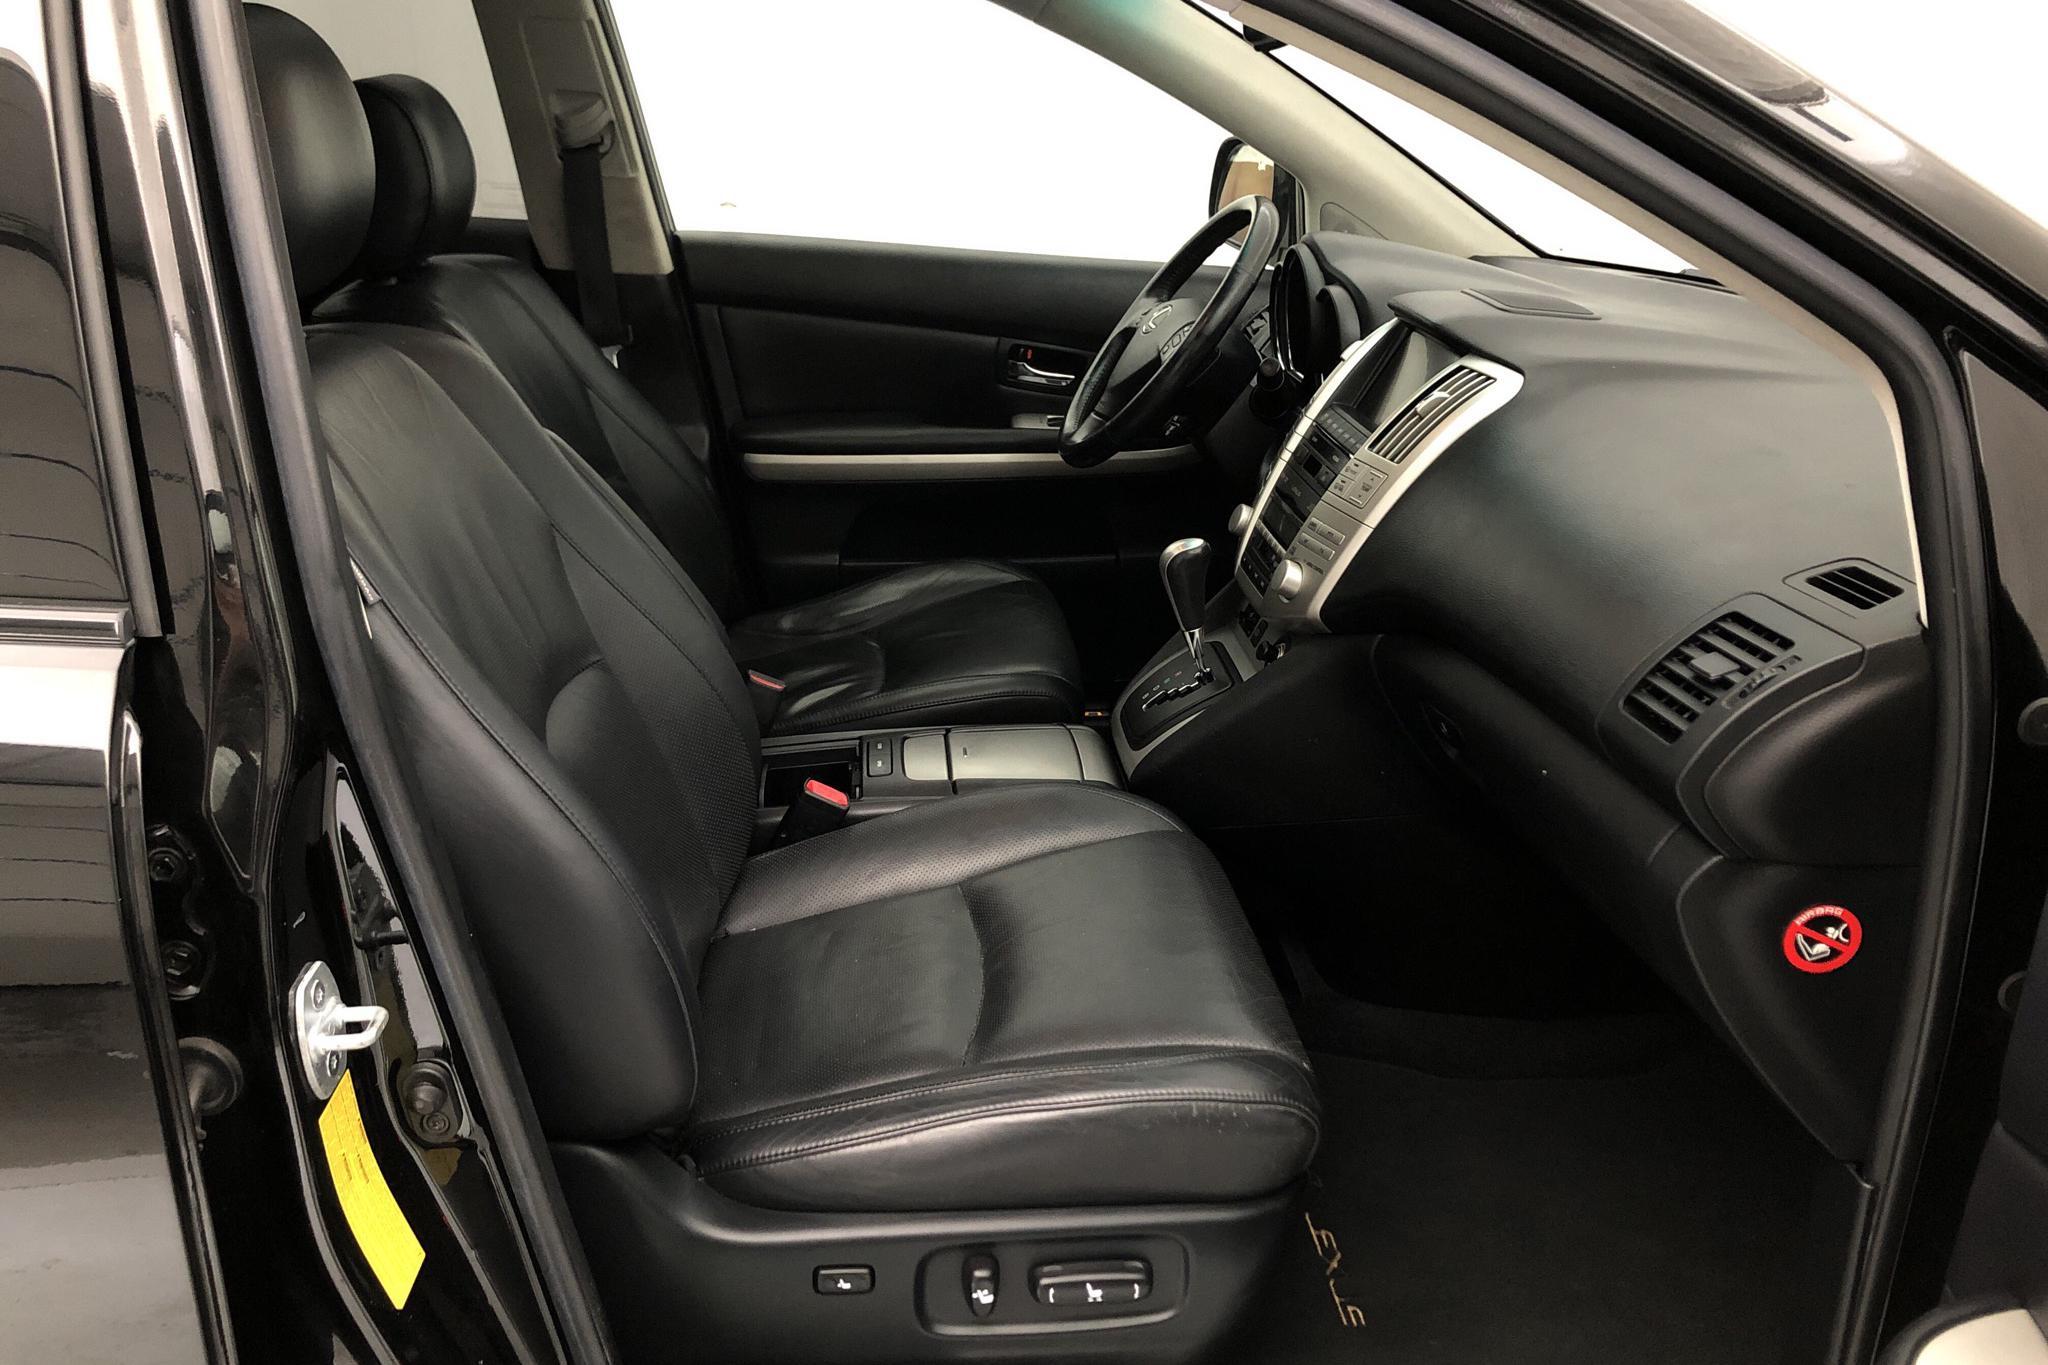 Lexus RX 400h (211hk) - 154 410 km - Automatic - black - 2007